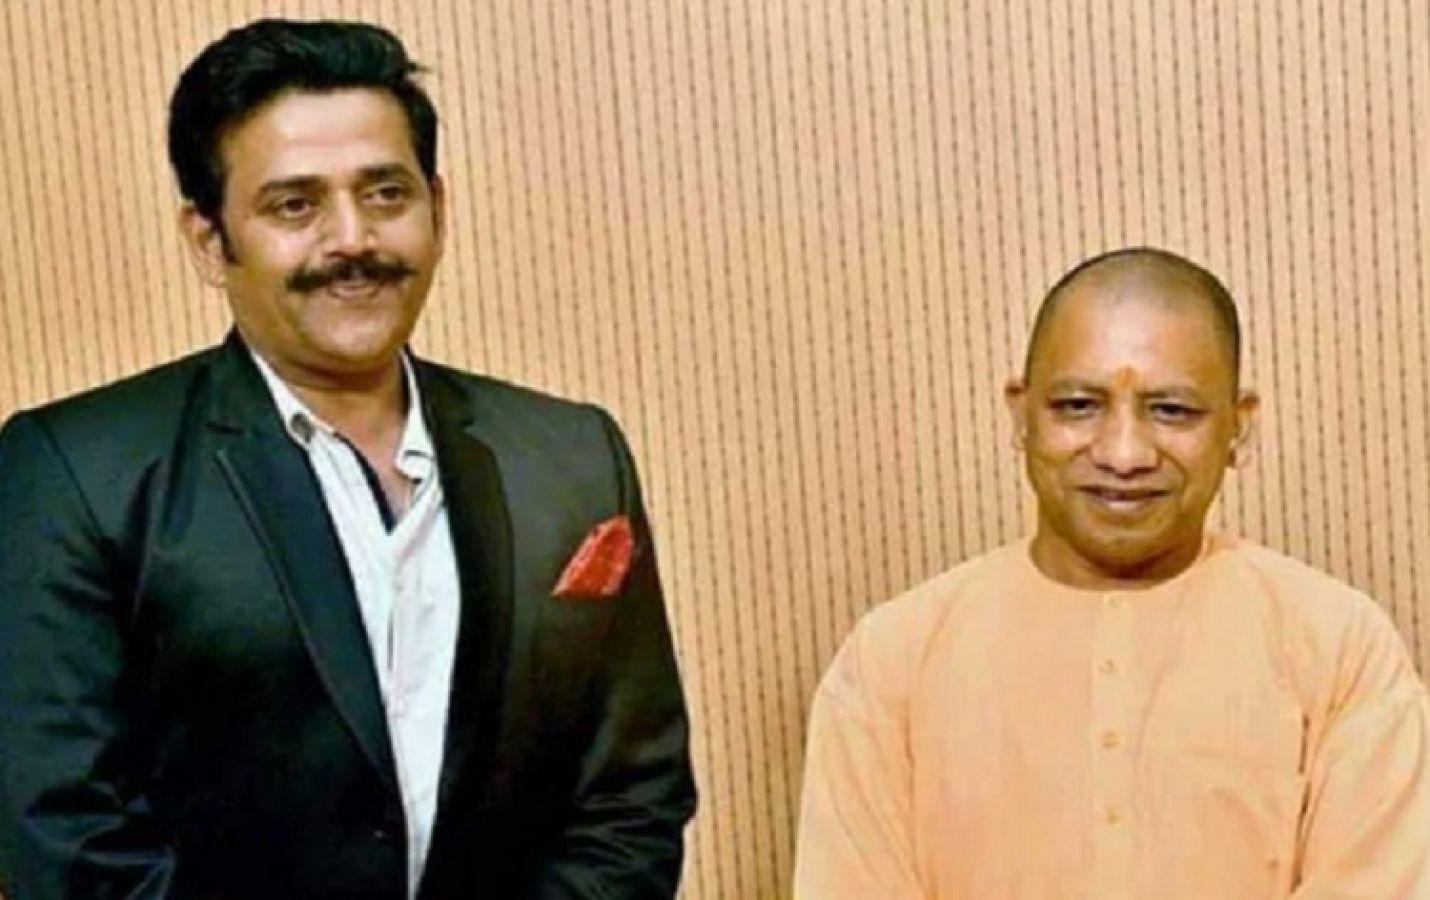 सीएम योगी मेरे श्री राम और मैं उनका भरत, चुनाव में नहीं है चुनौती-  रवि किशन